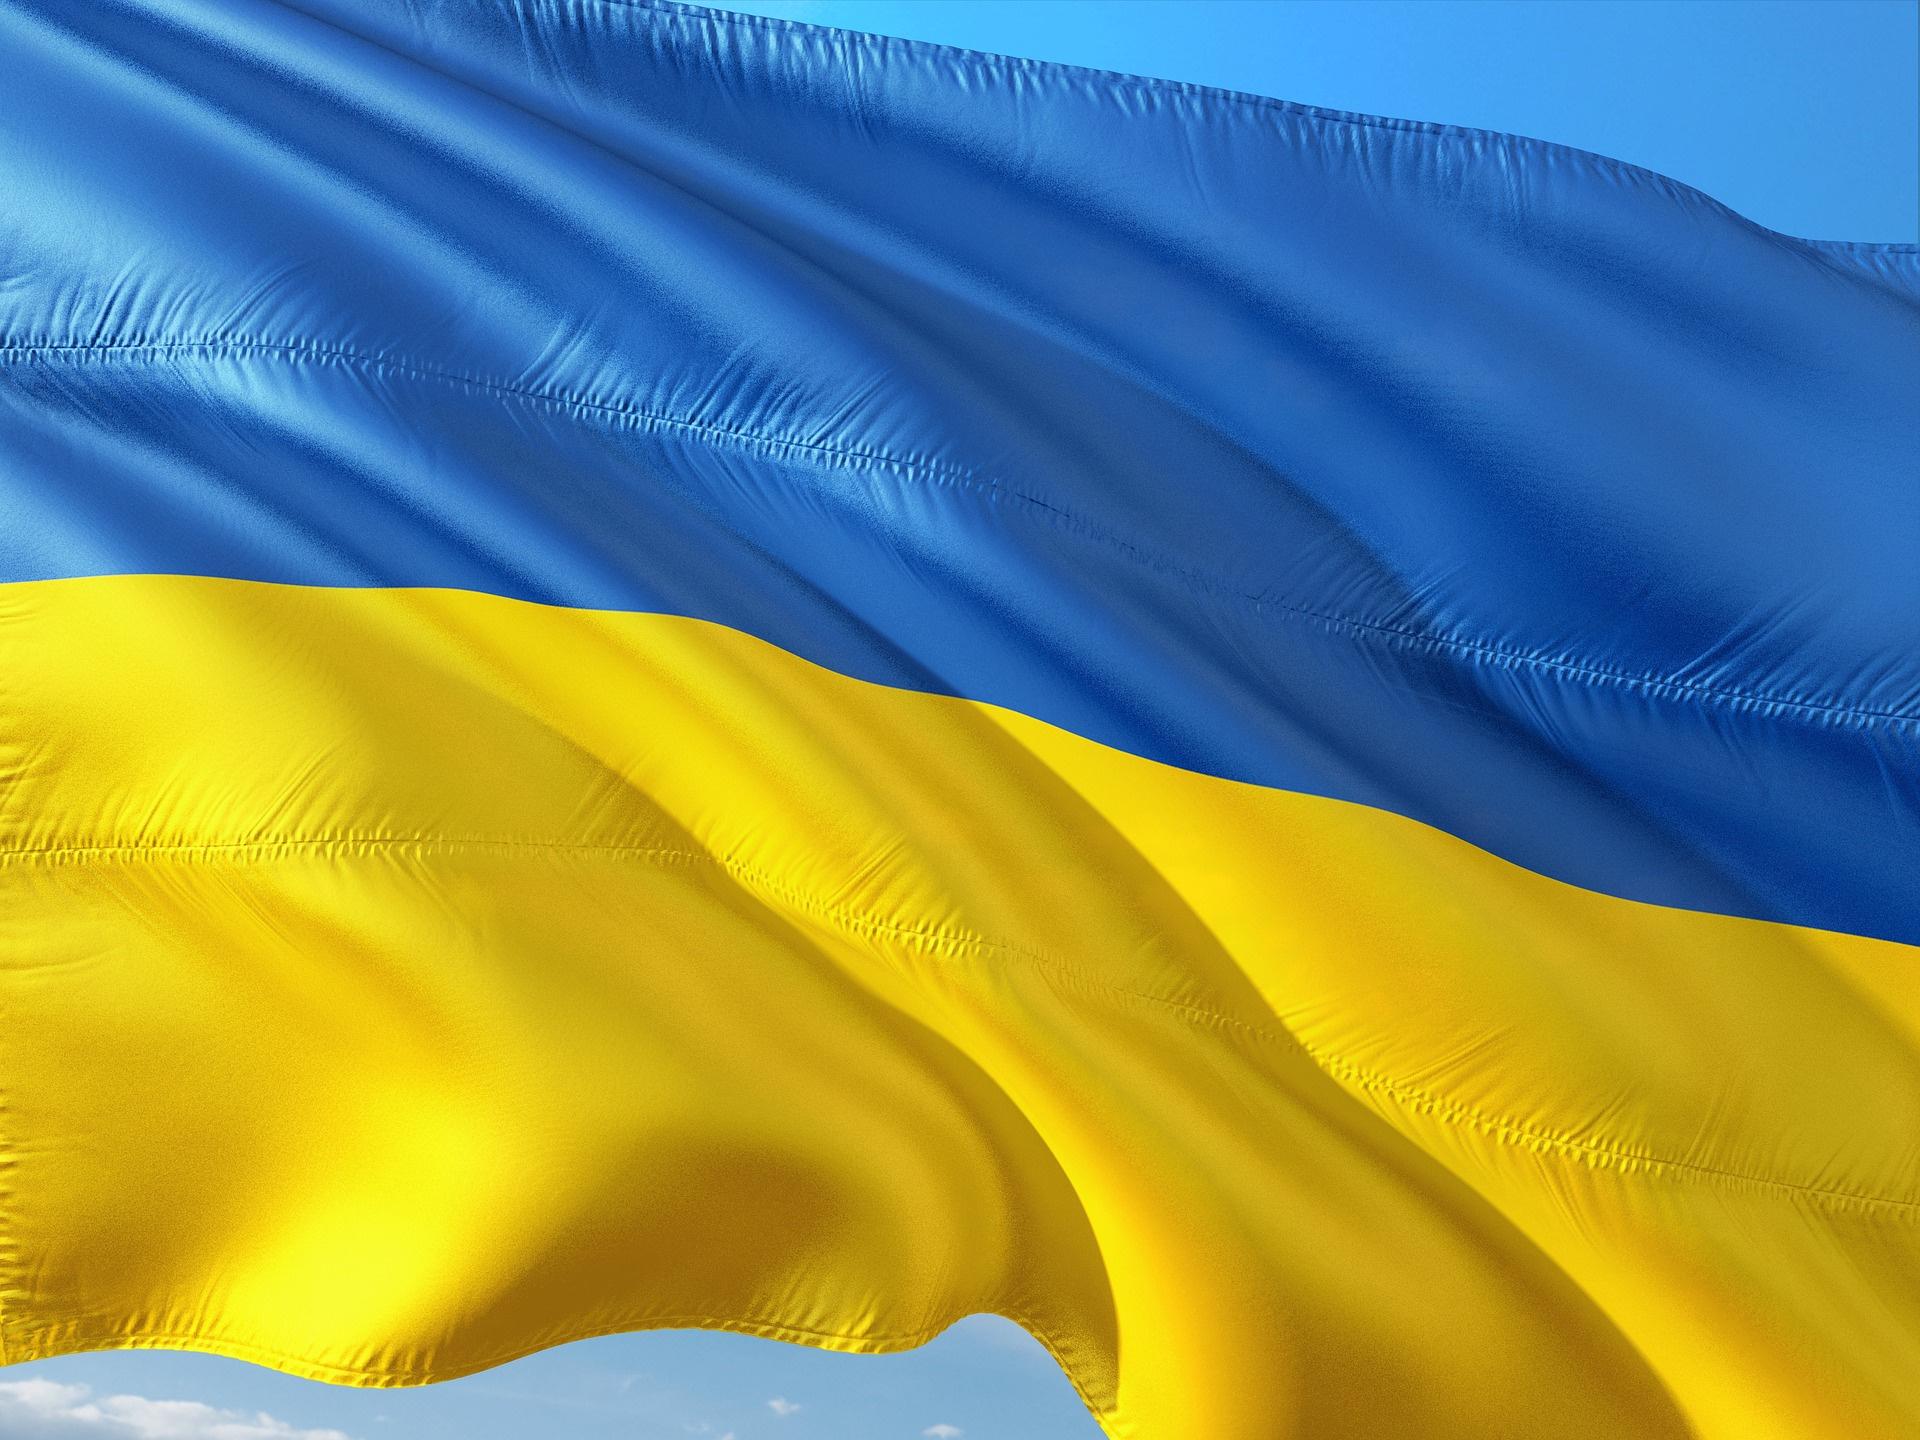 Экс-министр назвала Украину лоскутным одеялом, которое трещит по швам